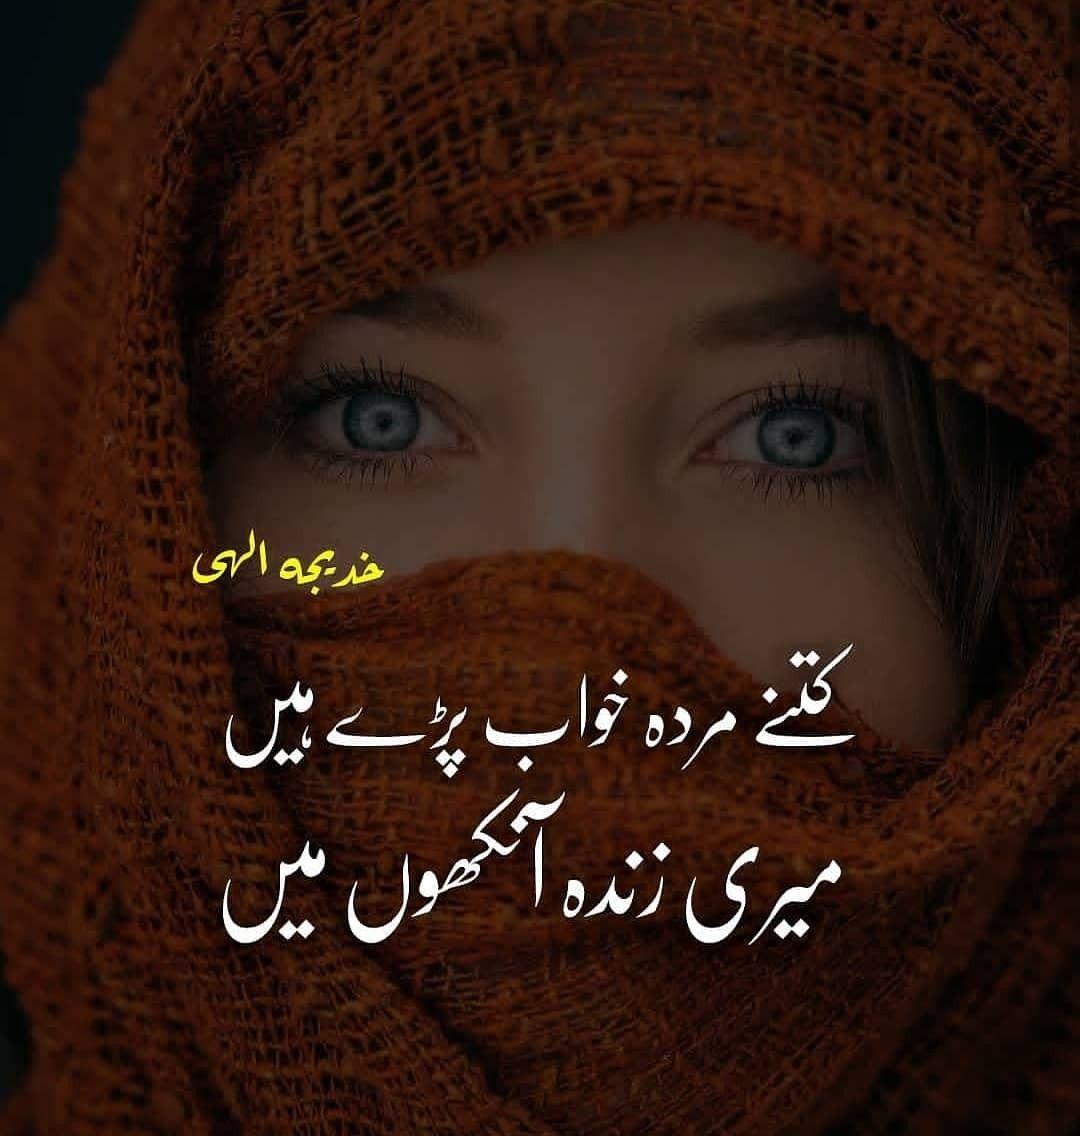 urdu poetry 2018   Poetry on eyes, Eyes poetry, Baba ...